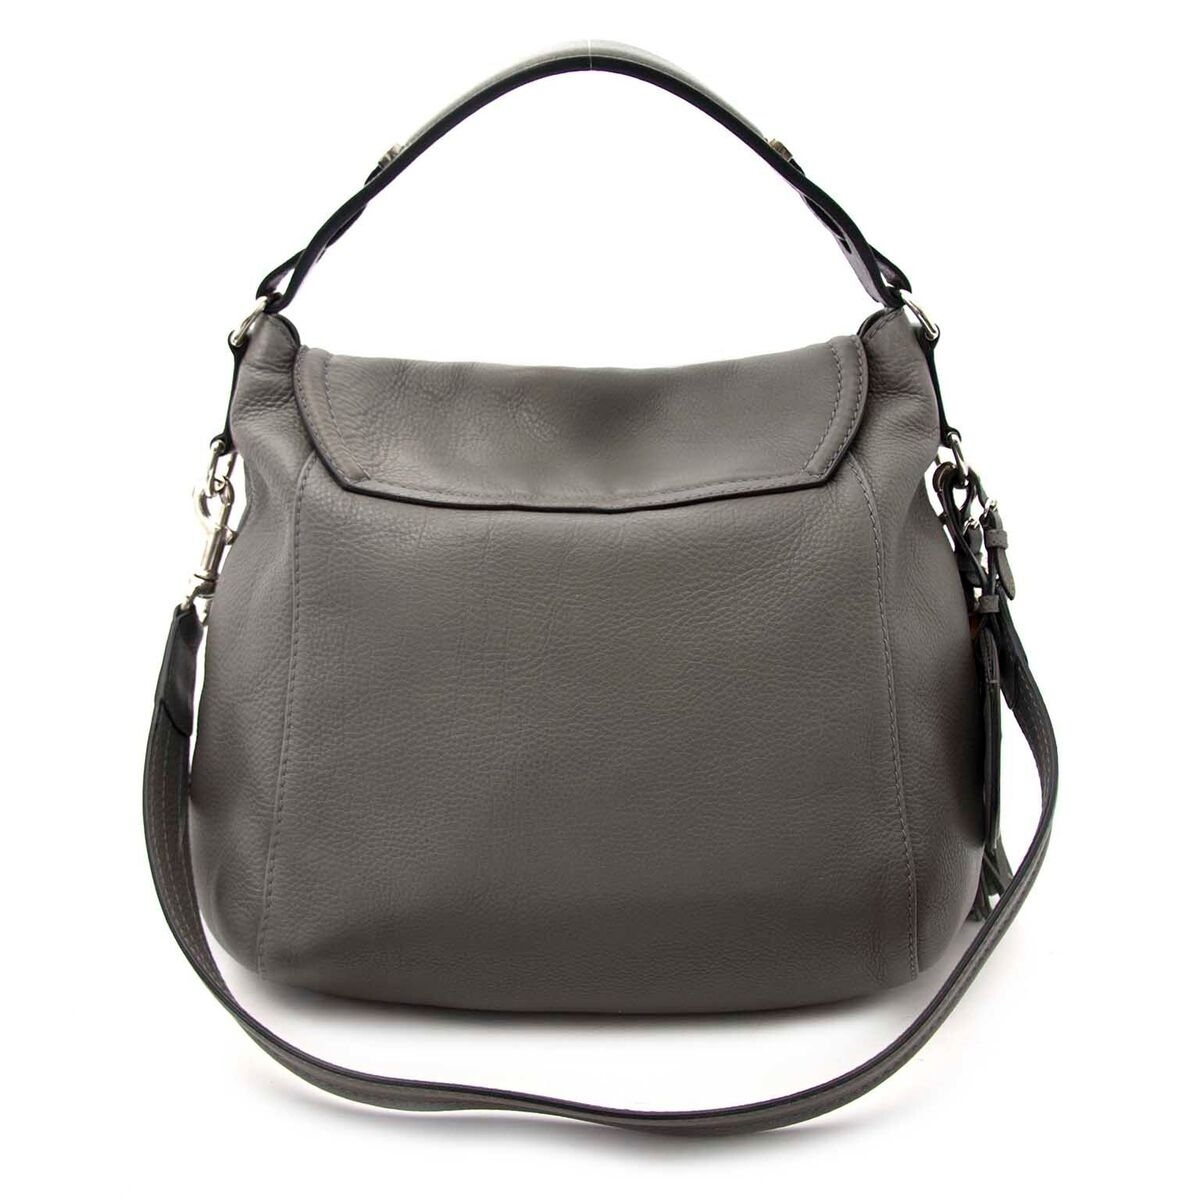 Koop authentieke tweedehands Gucci handtas aan een eerlijke prijs bij LabelLOV. Veilig online shoppen.